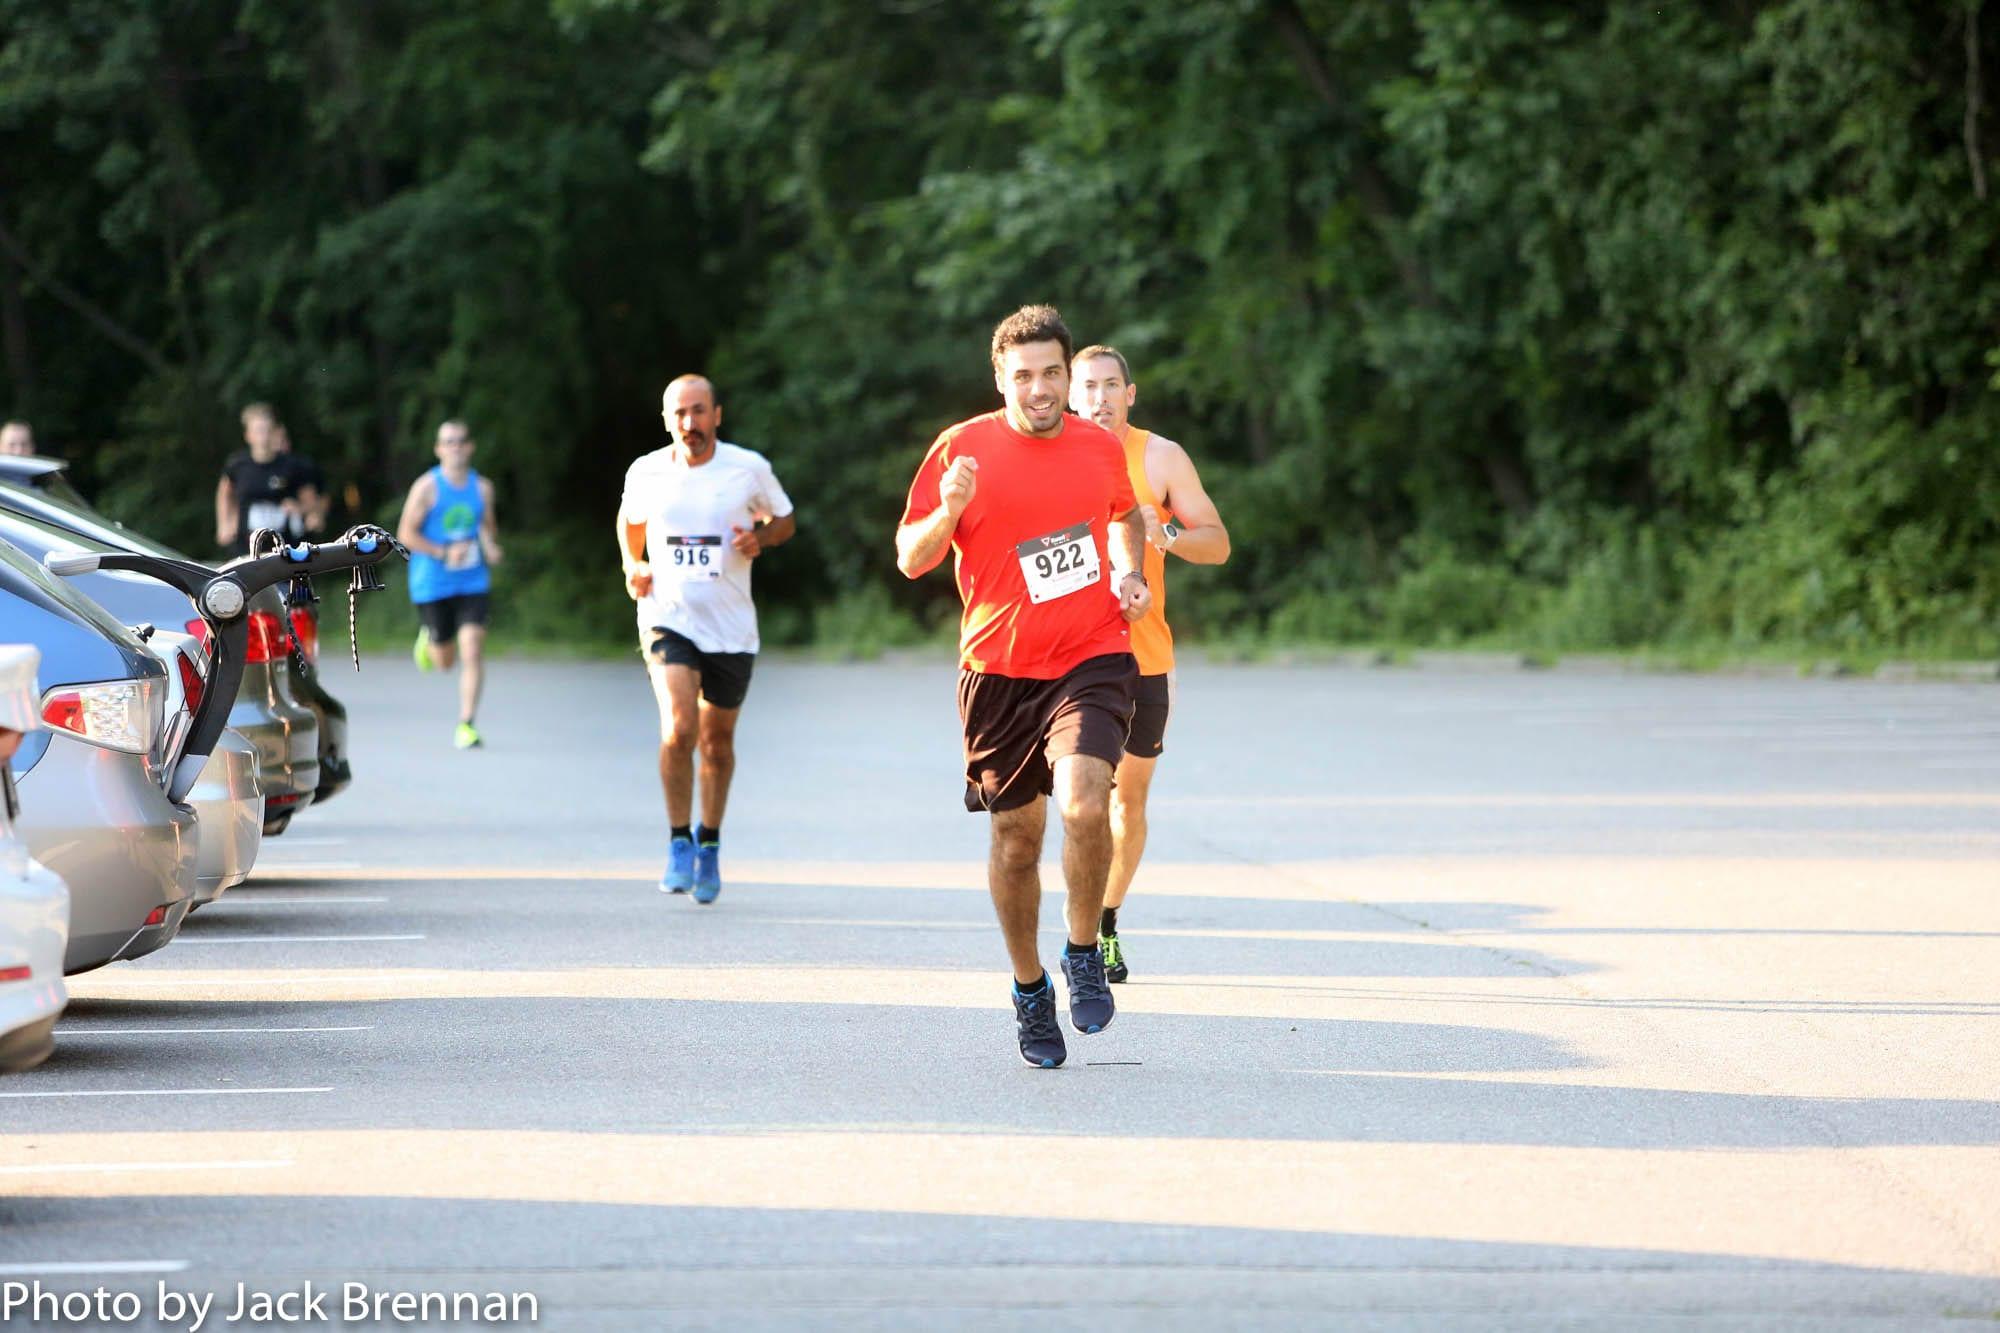 012 - Putnam County Classic 2016 Taconic Road Runners - BA3A0332